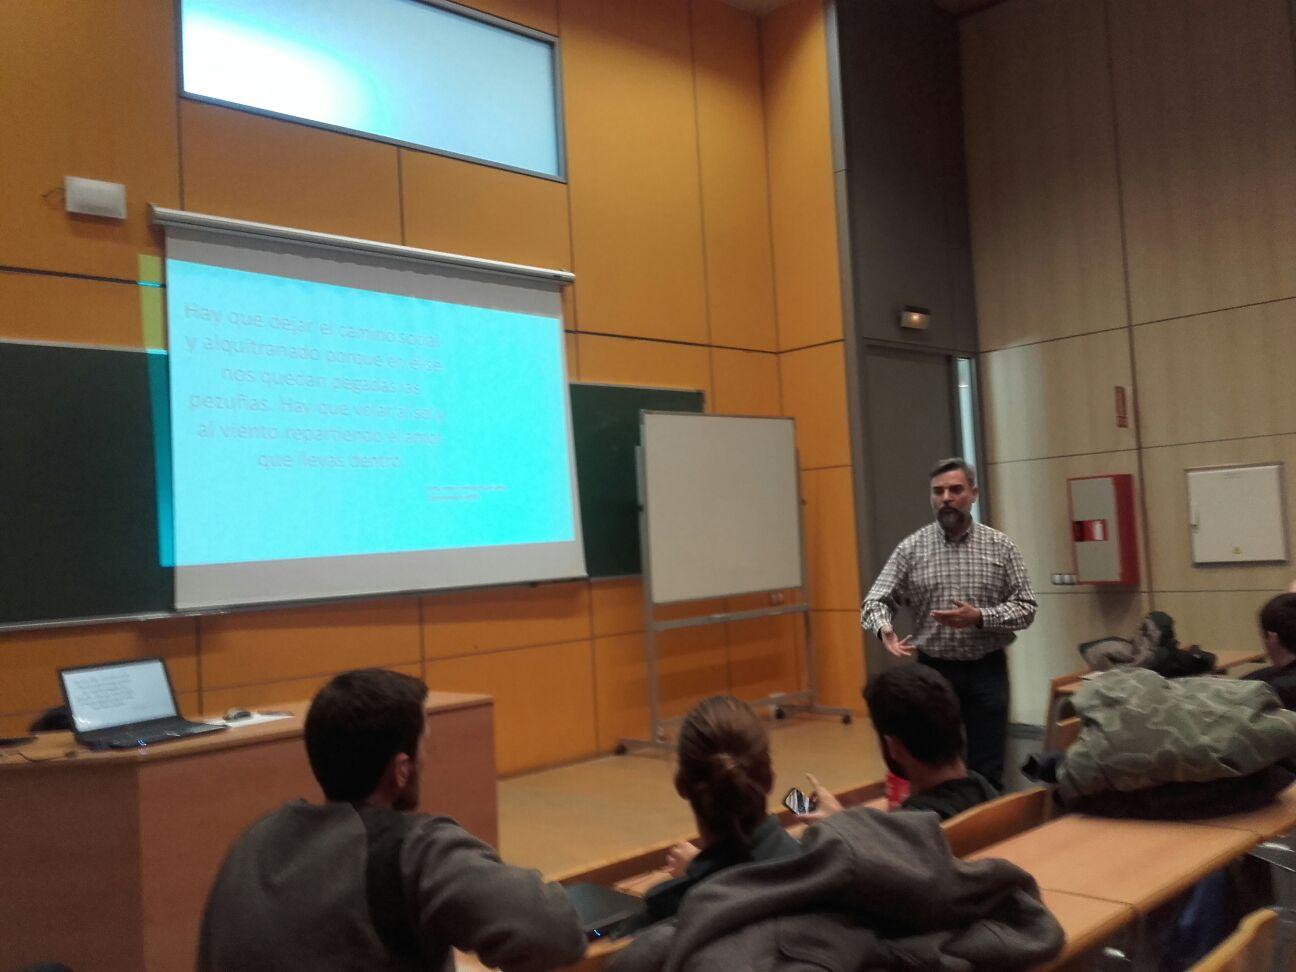 Toni Brocal realitza un seminari sobre el mercat actual del Fitness a l'Escola Universitària de la Salut i l'Esport